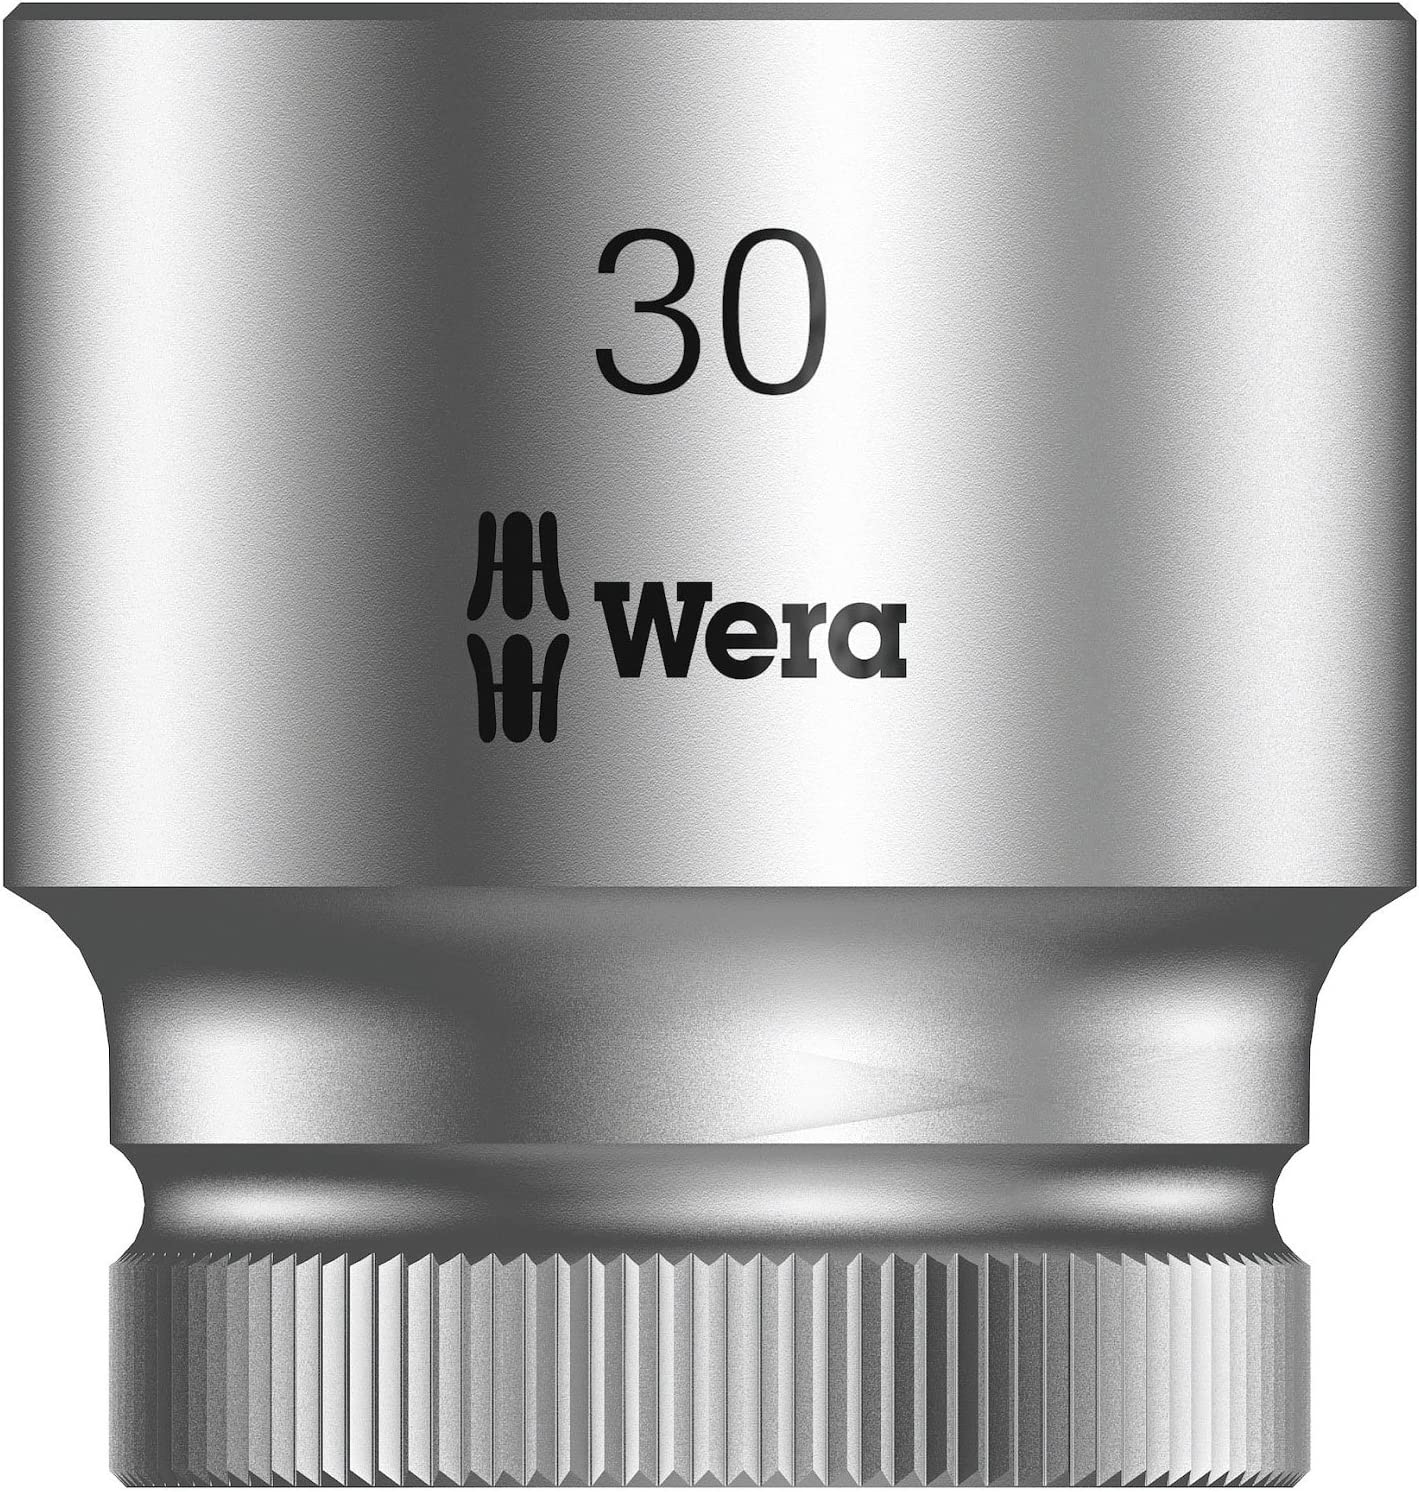 Hex head 13mm x Length 37mm Wera Zyklop 8790 HMC 1//2 Socket